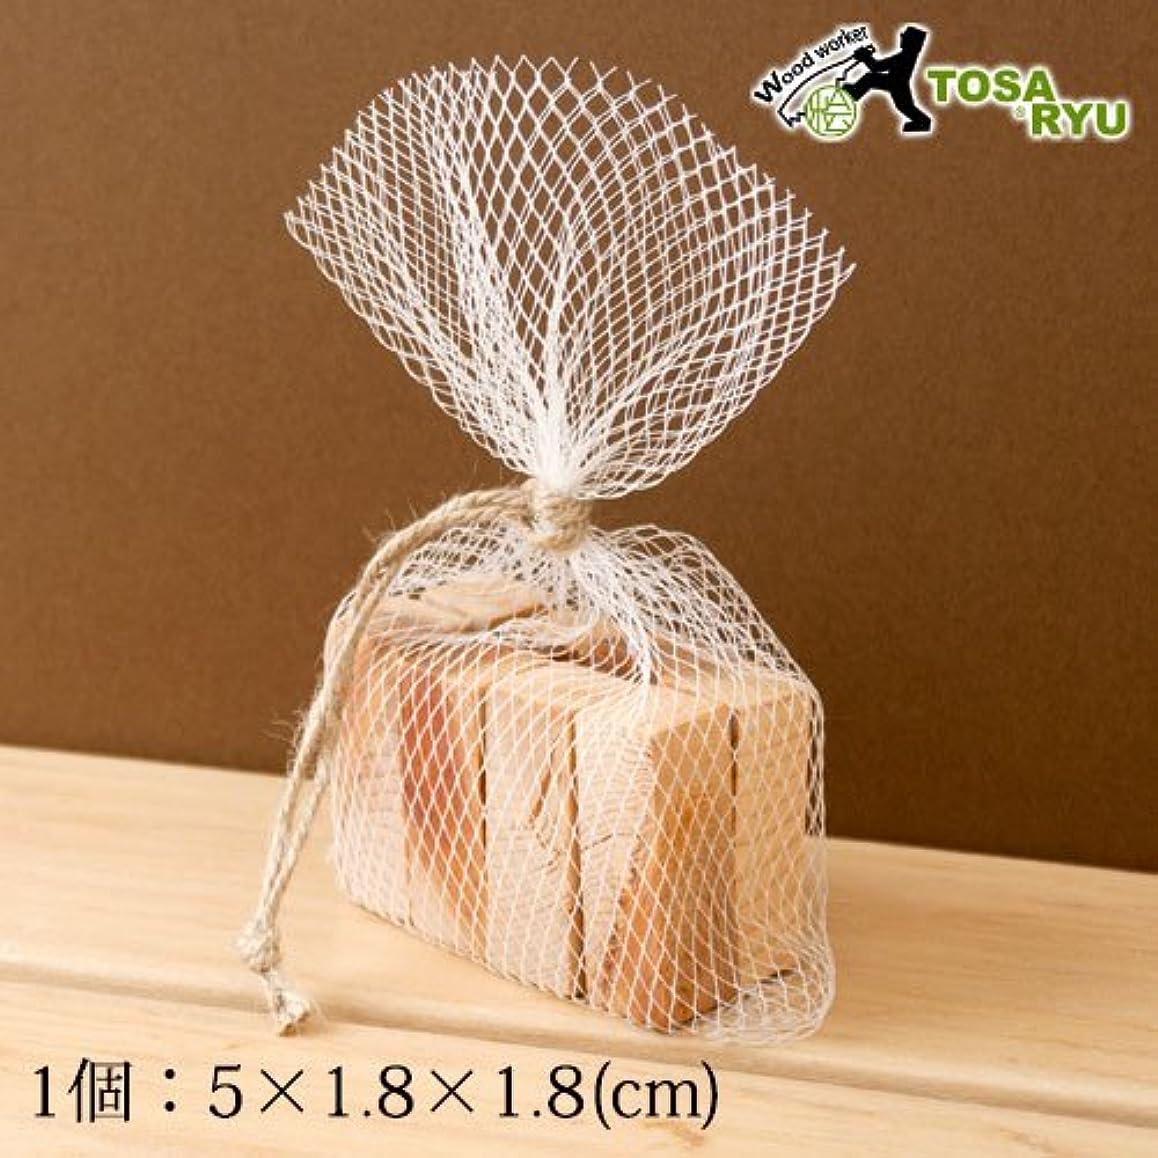 肖像画軍隊宣伝土佐龍アロマブロックメッシュ袋入り高知県の工芸品Bath additive of cypress, Kochi craft